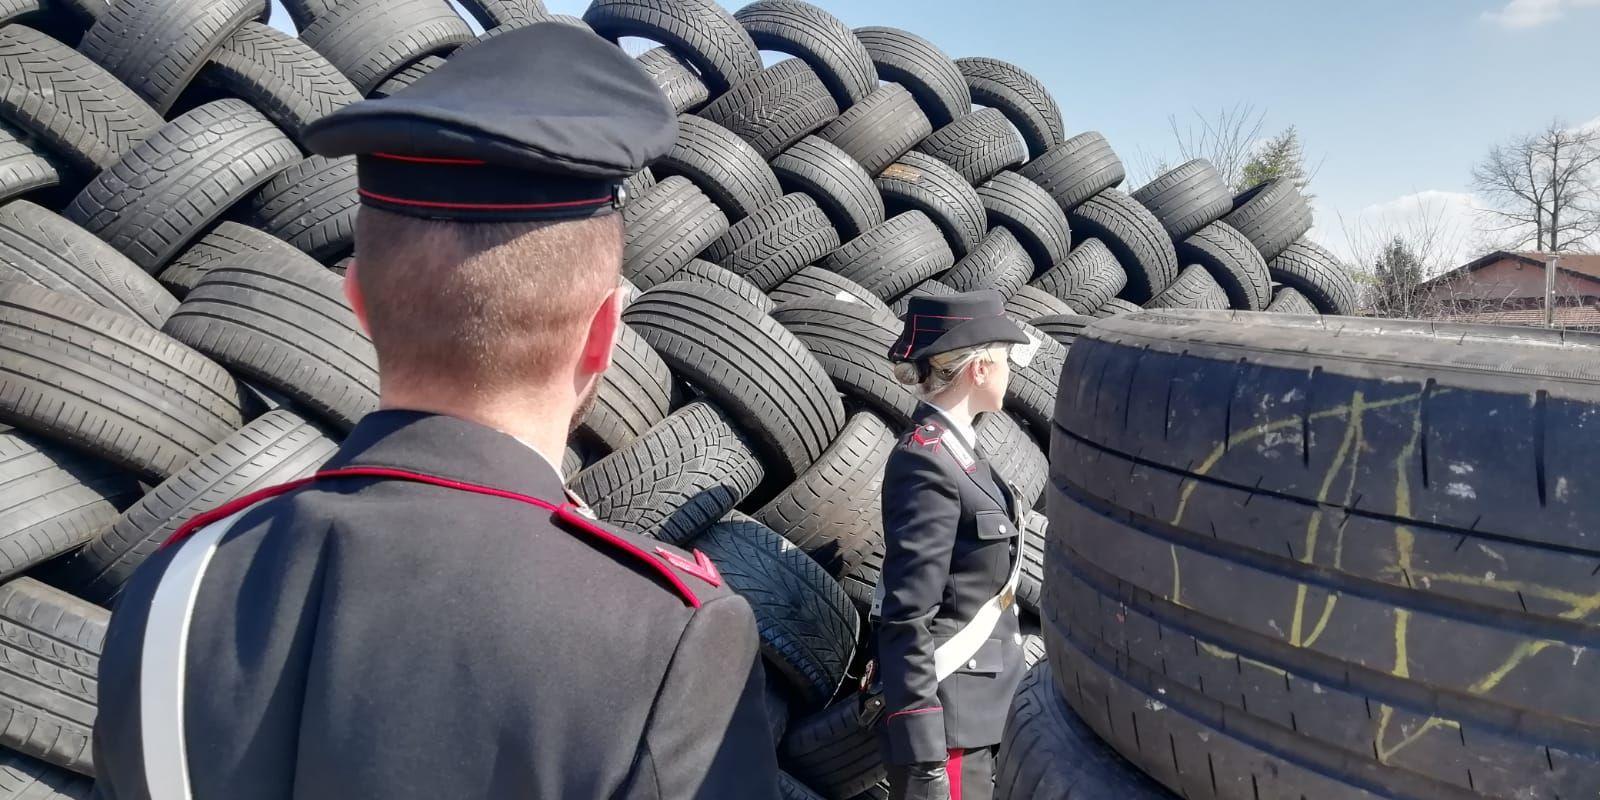 BORGARO - 20mila pneumatici stoccati senza autorizzazione: un imprenditore denunciato dai carabinieri - FOTO e VIDEO